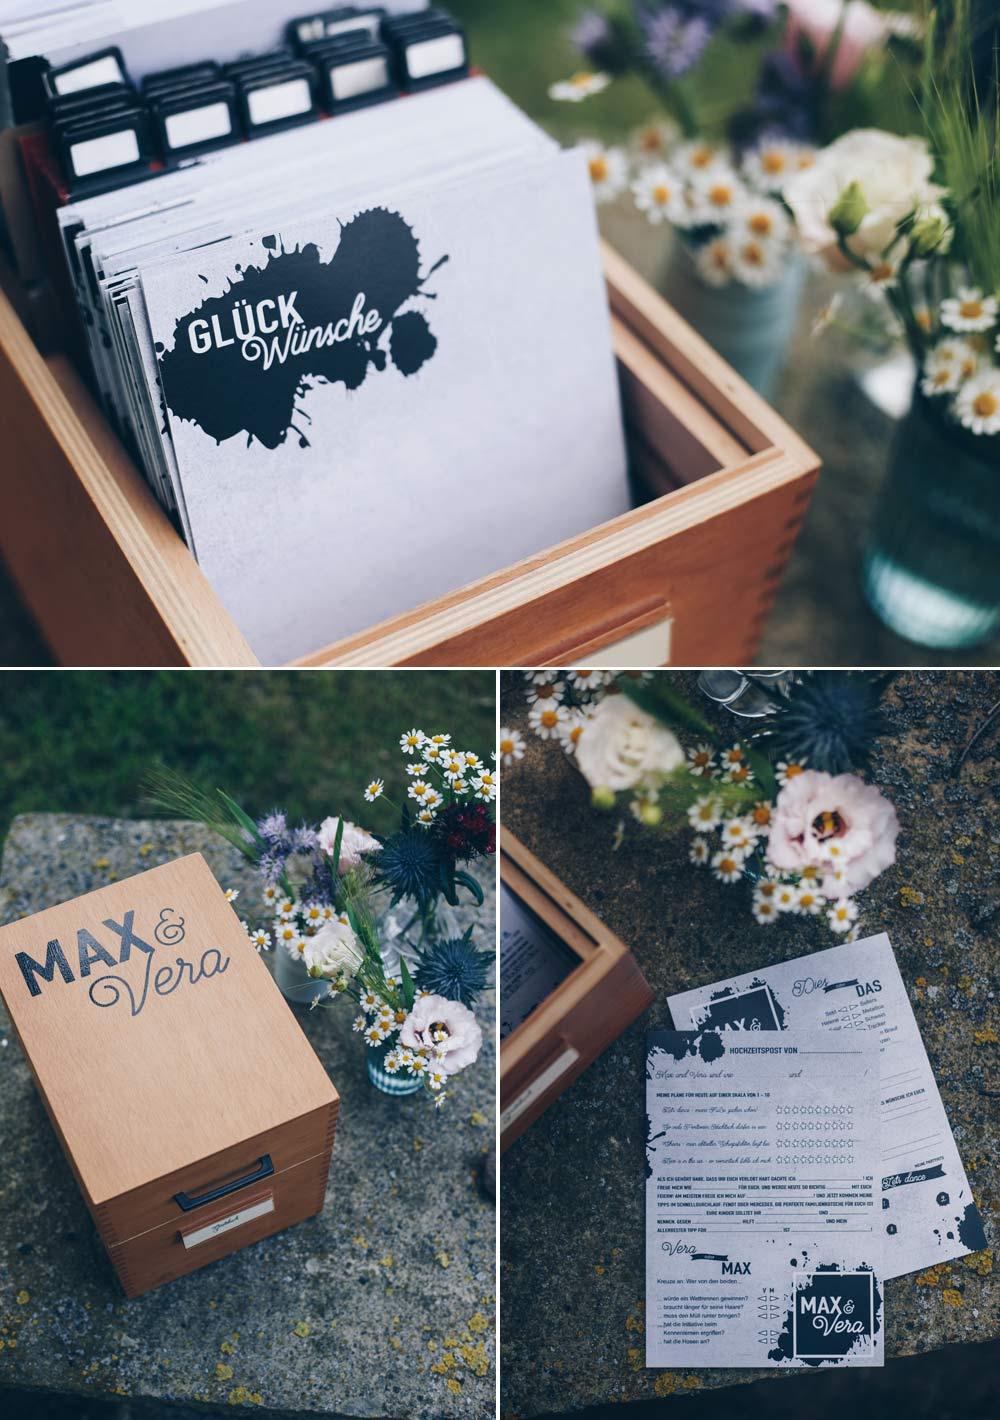 DIY Hochzeitsgästebuch in vintage Karteikartenkasten mit über 15 Ideen für DIY Gästebuchkarten - Lückentexte, Texte und Fragen